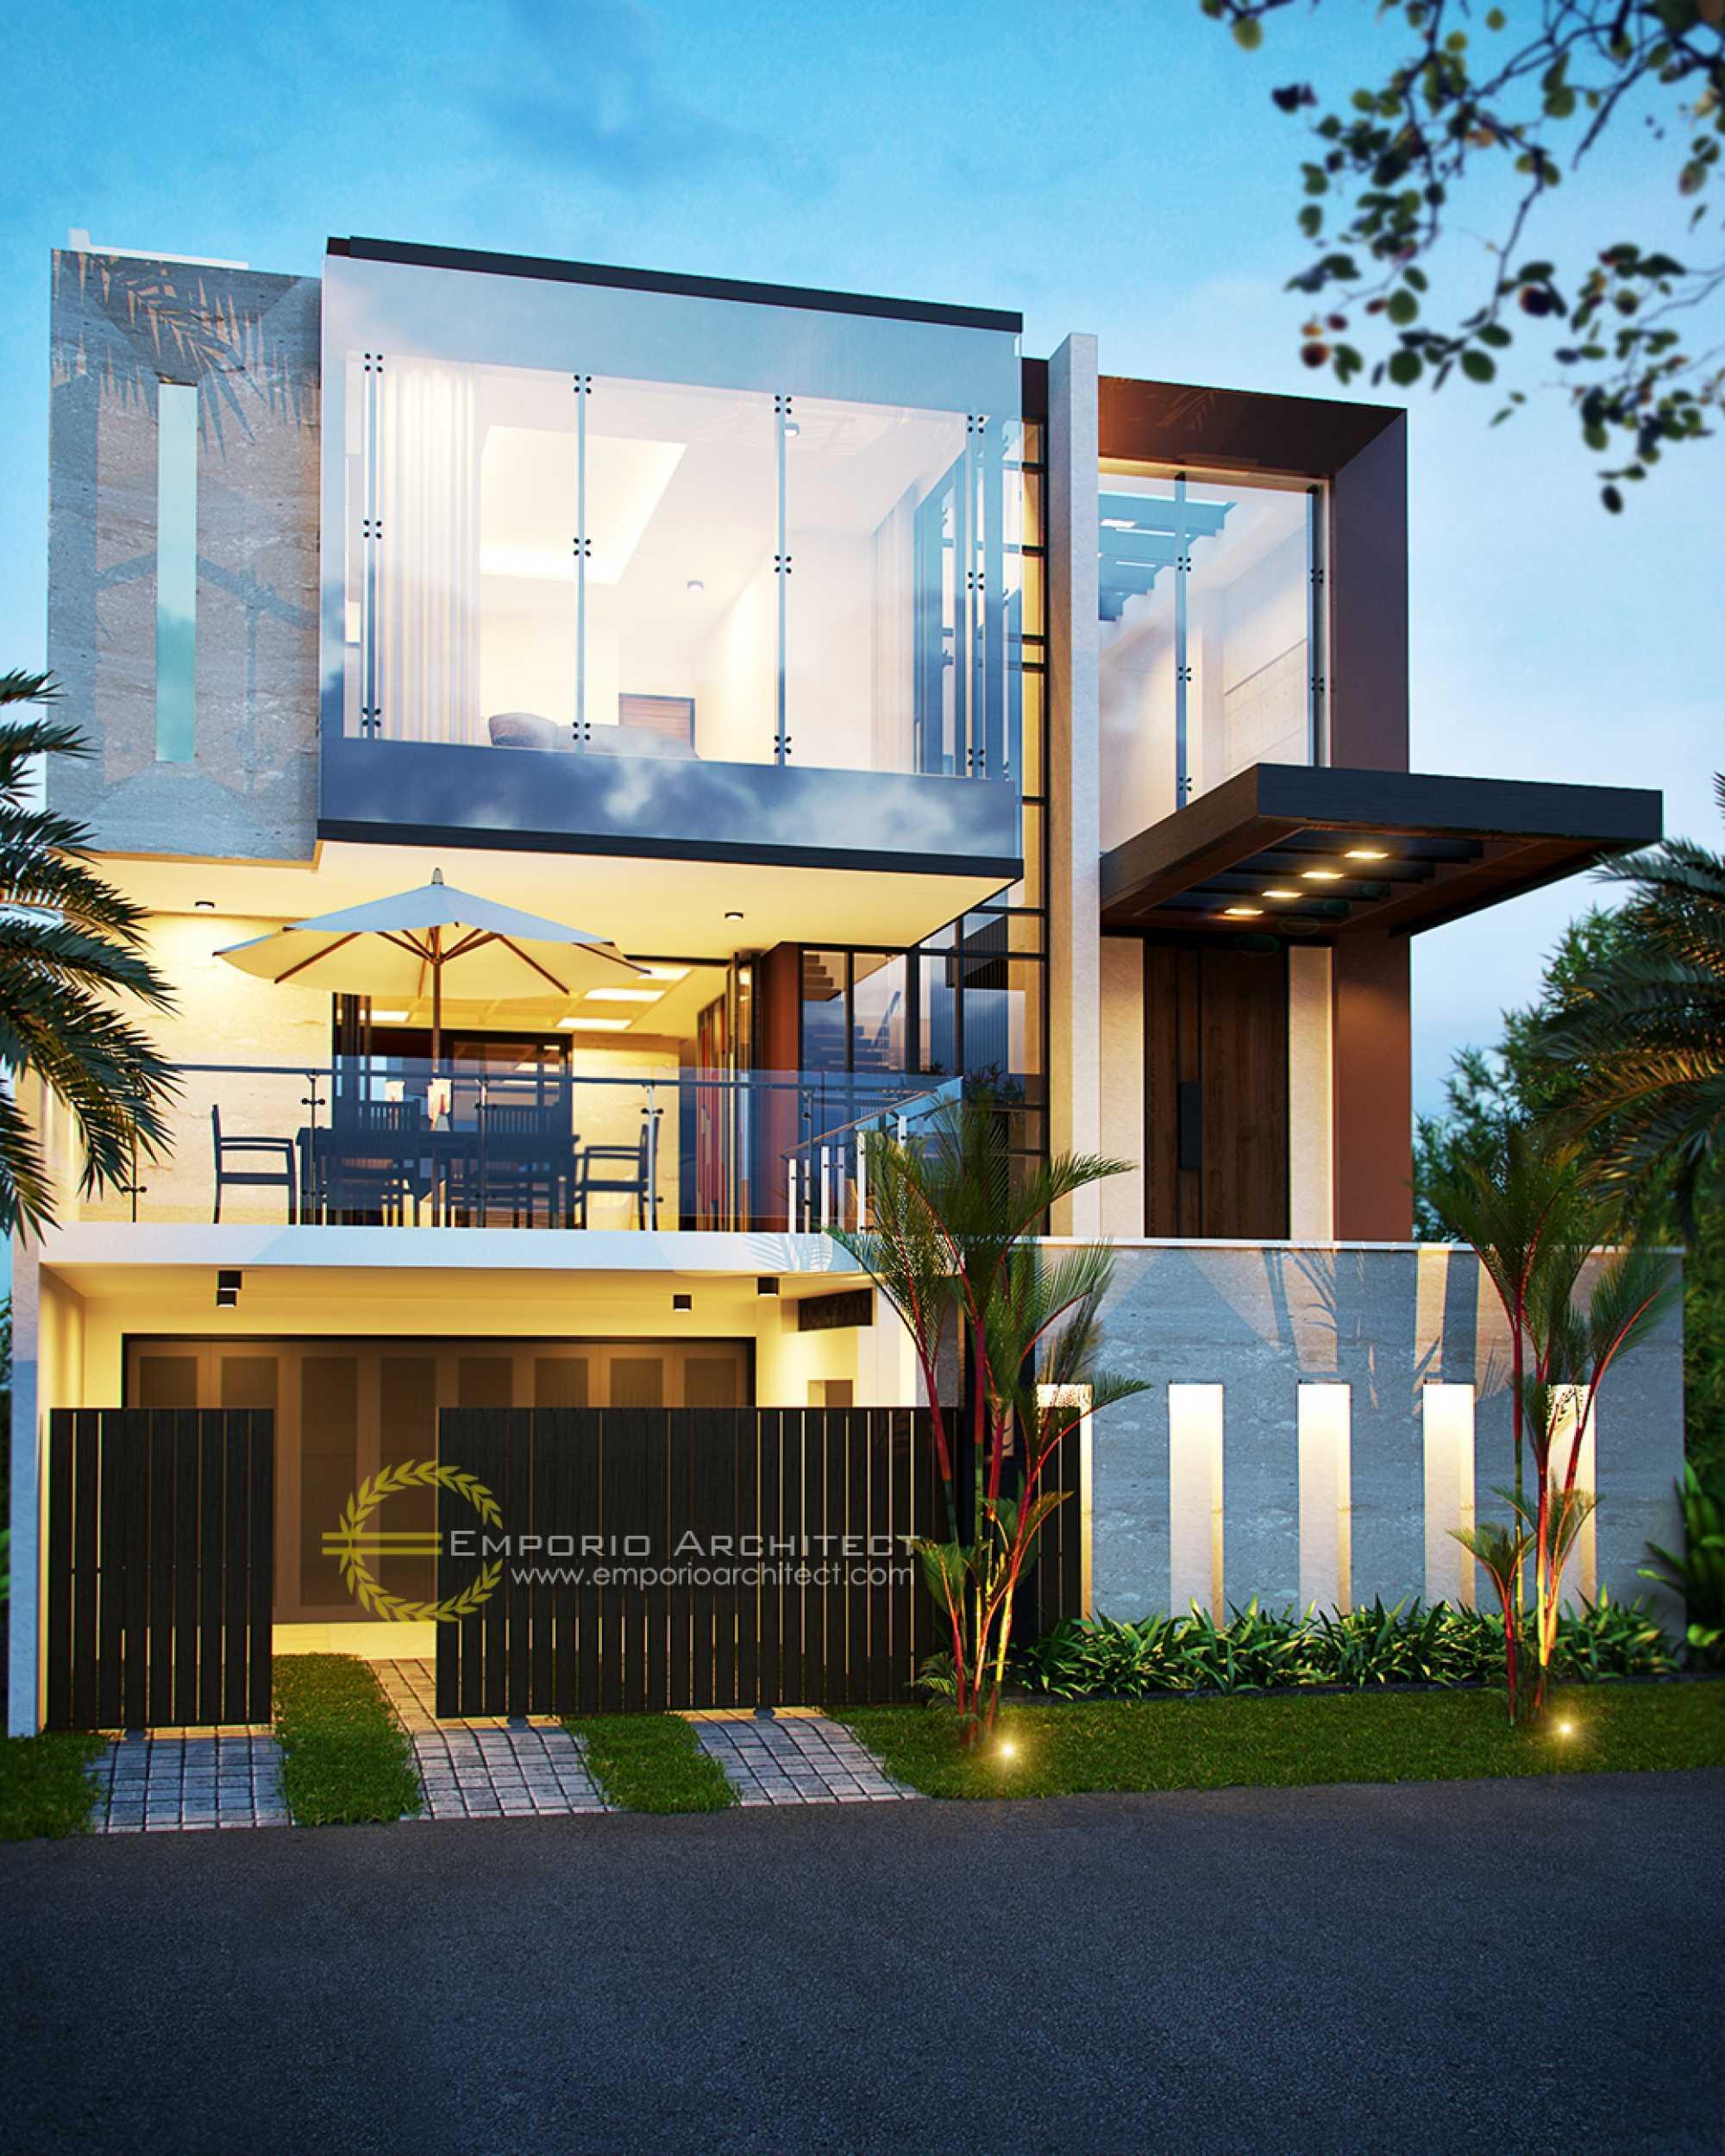 Jasa Desain Kamar Tidur Di Makassar: Photo Emporio-architect-jasa-arsitek-jakarta-desain-rumah